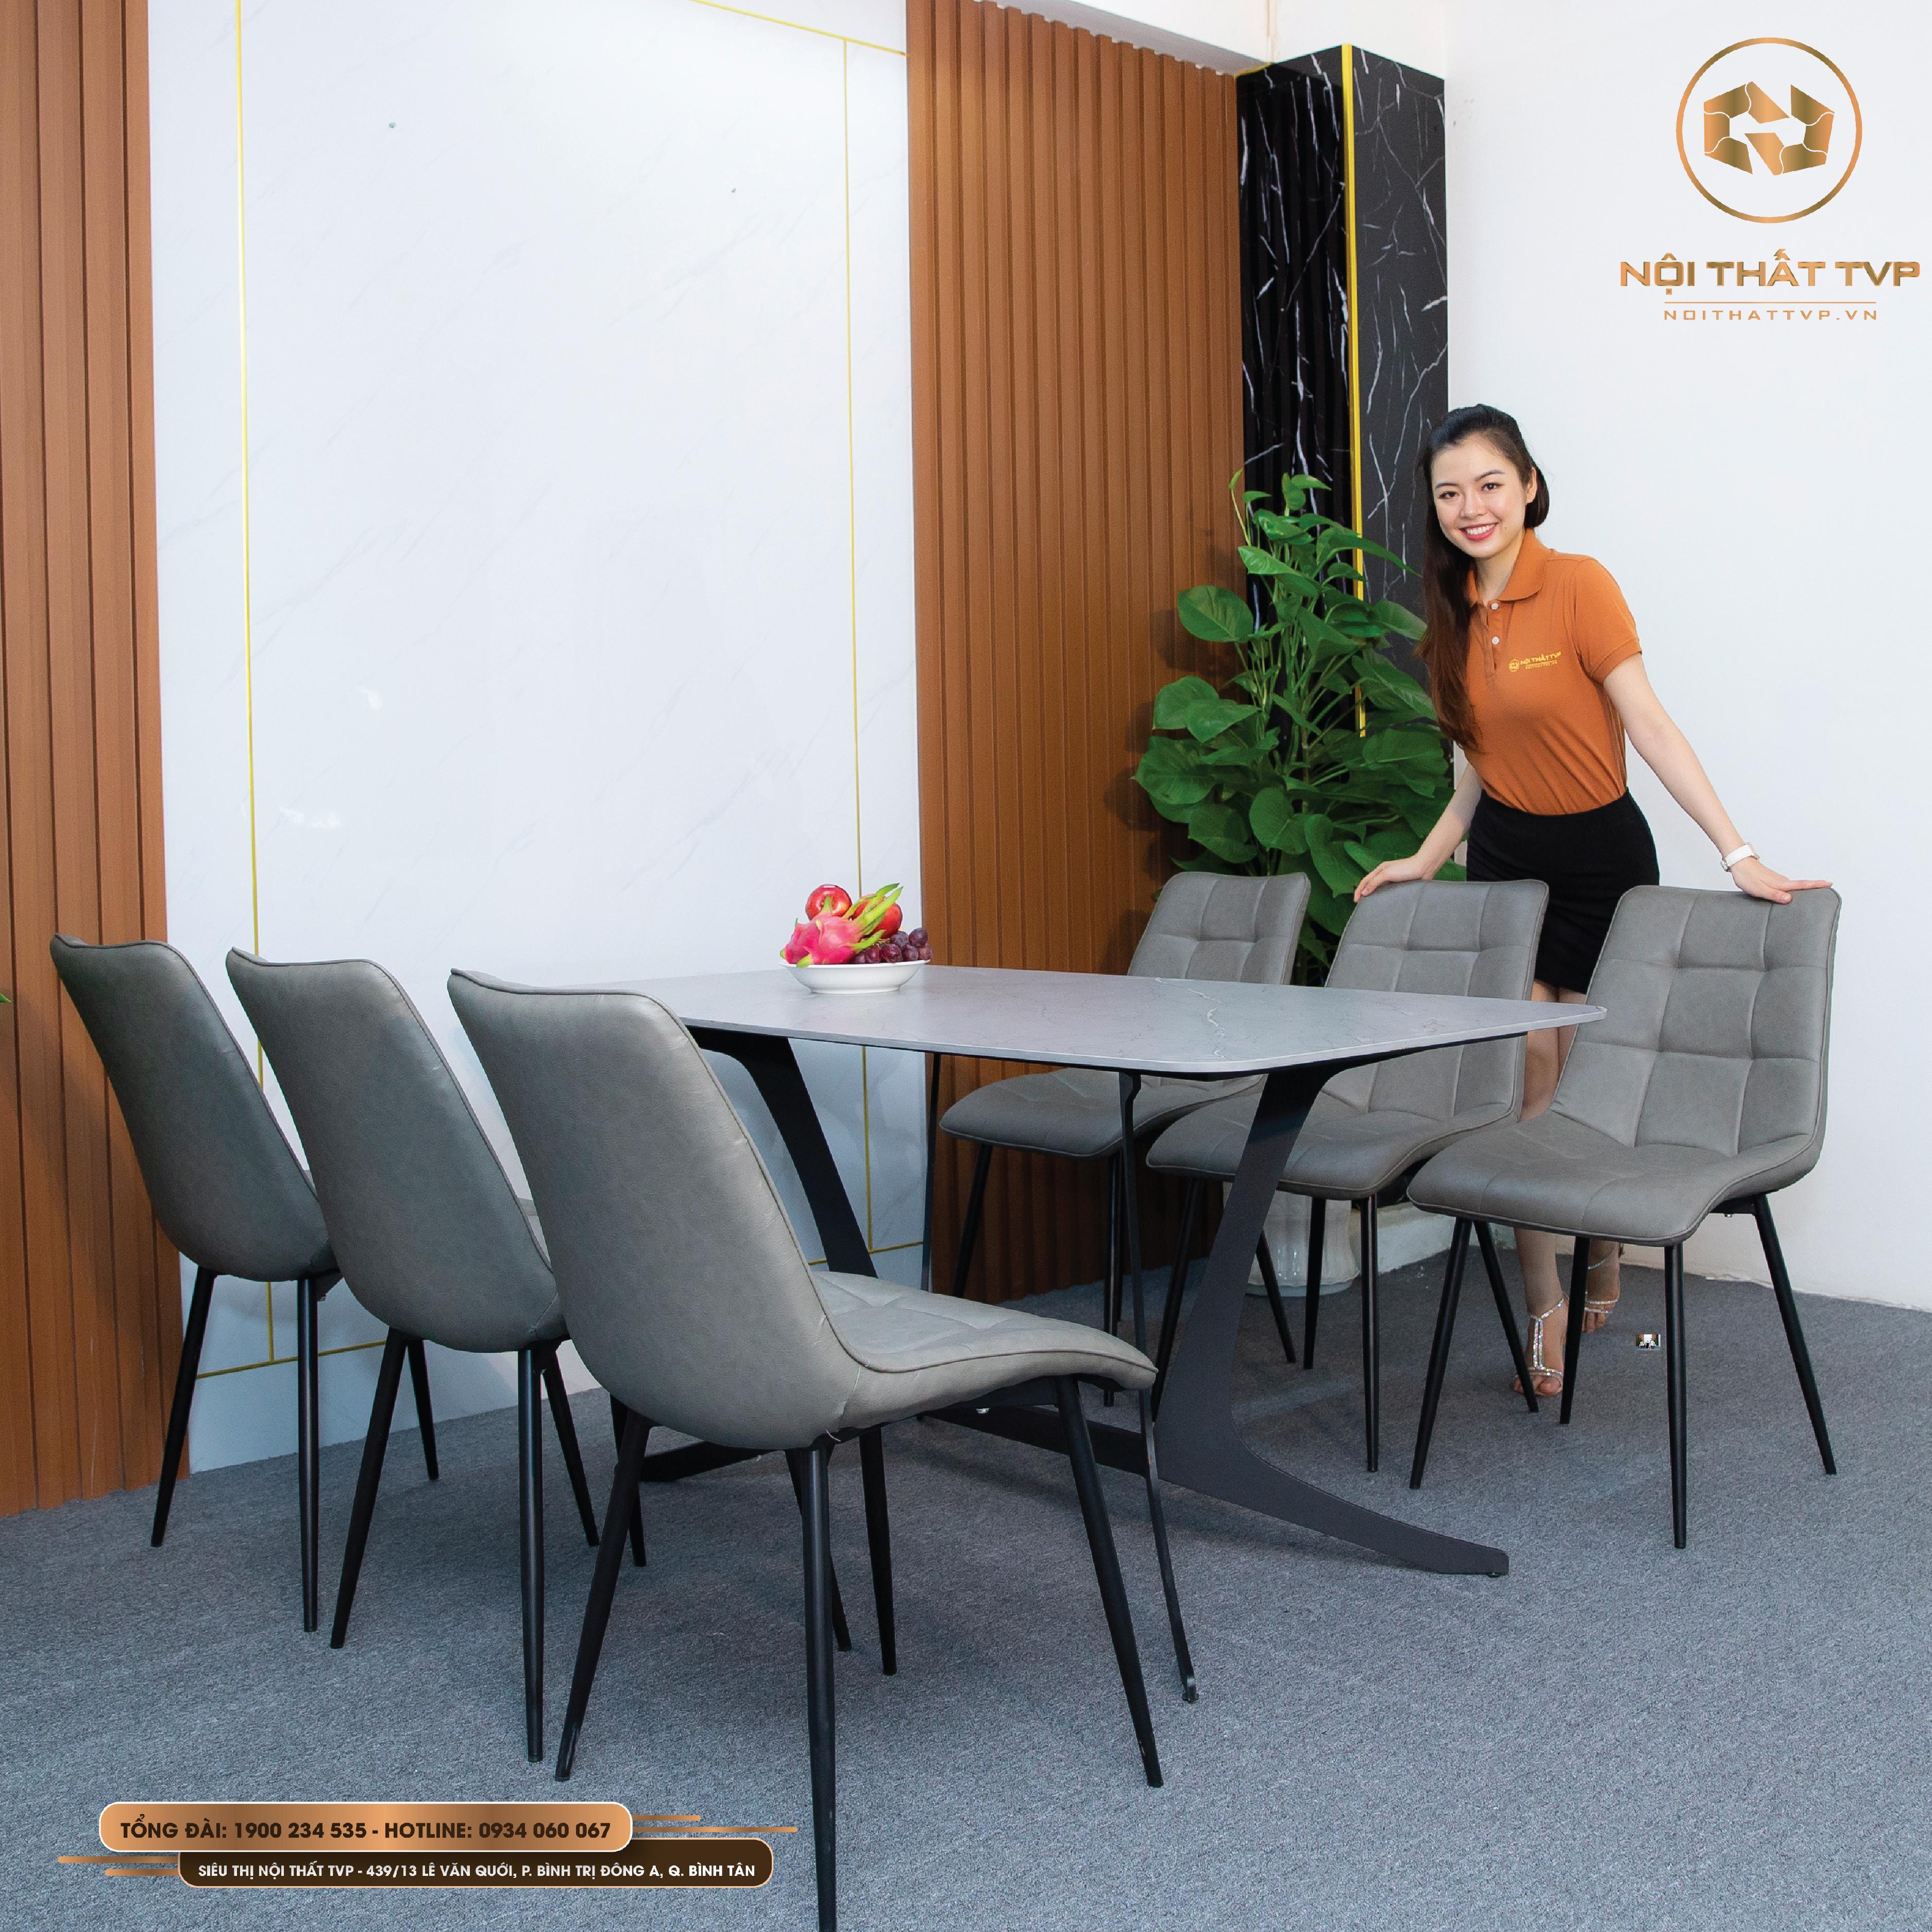 bàn ghế ăn nhập khẩu 6 ghế hiện đại